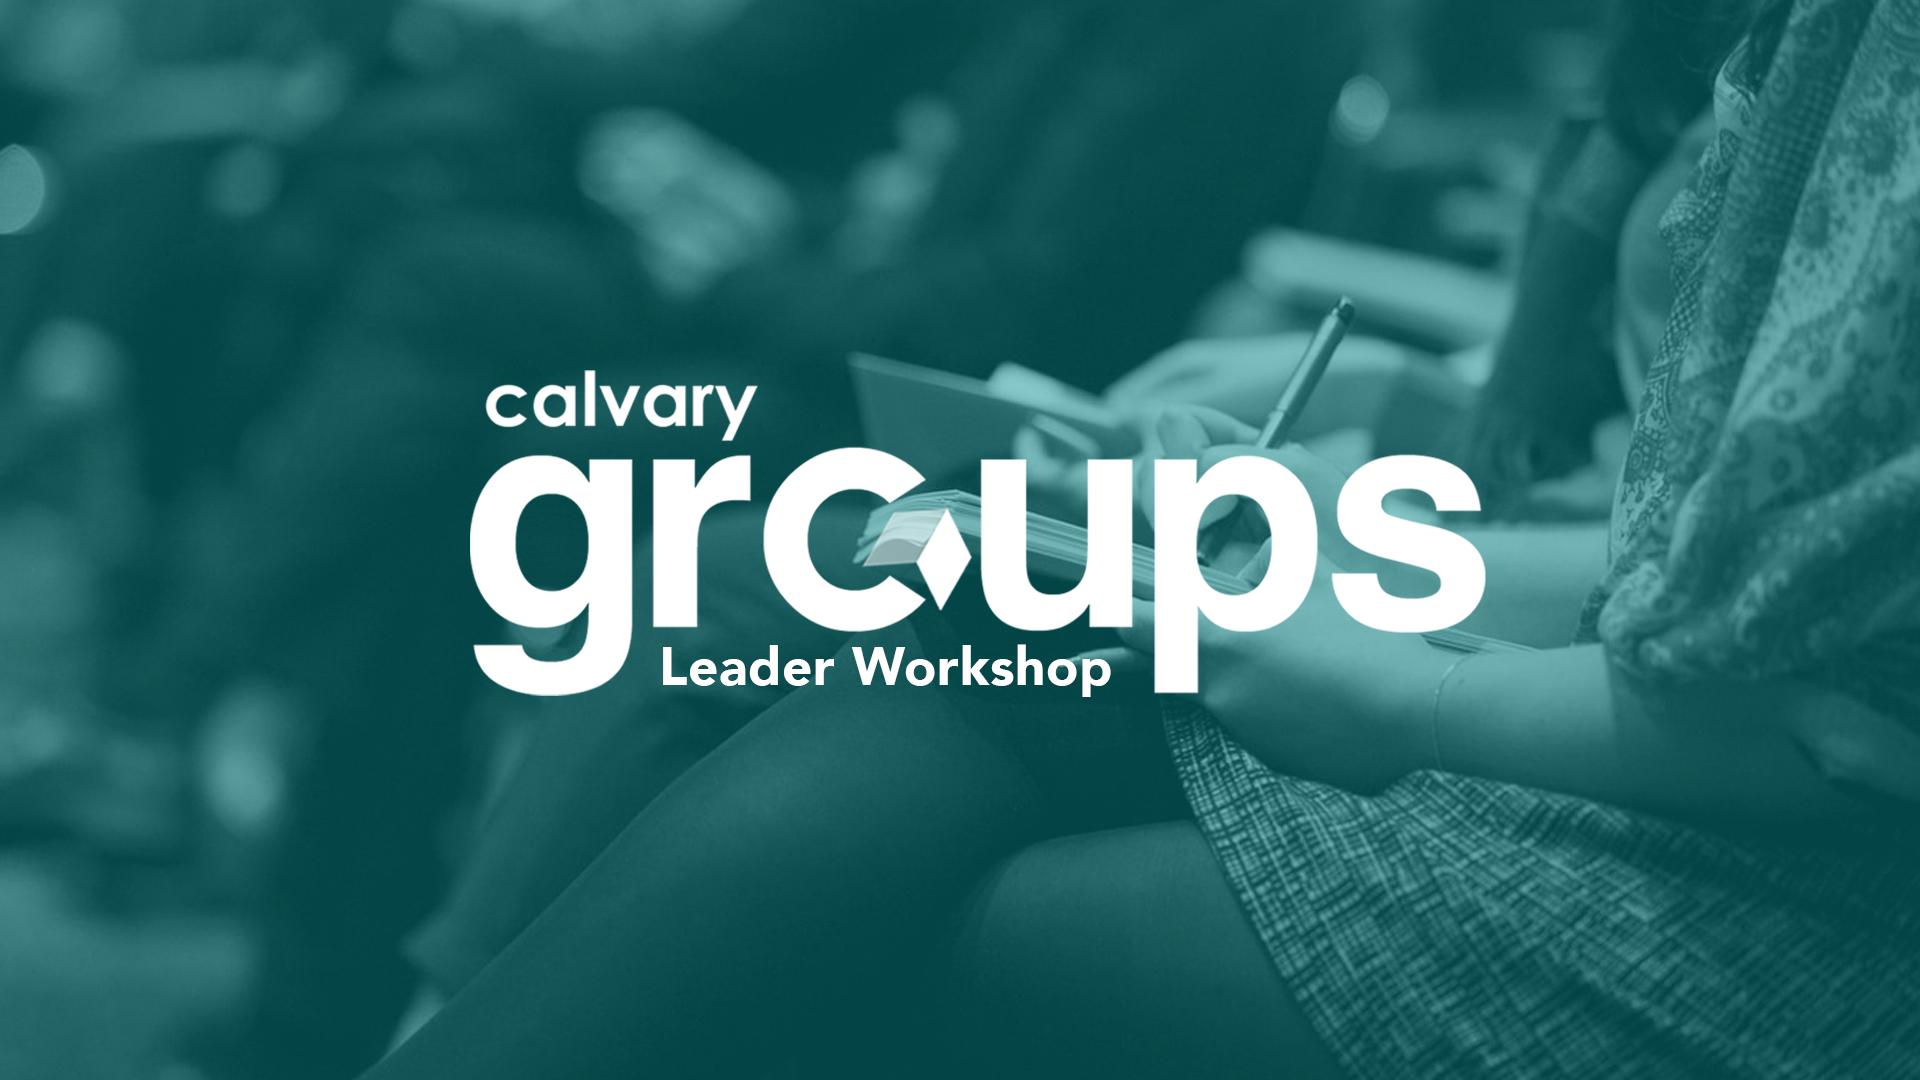 Calvary Group Leaders Workshop